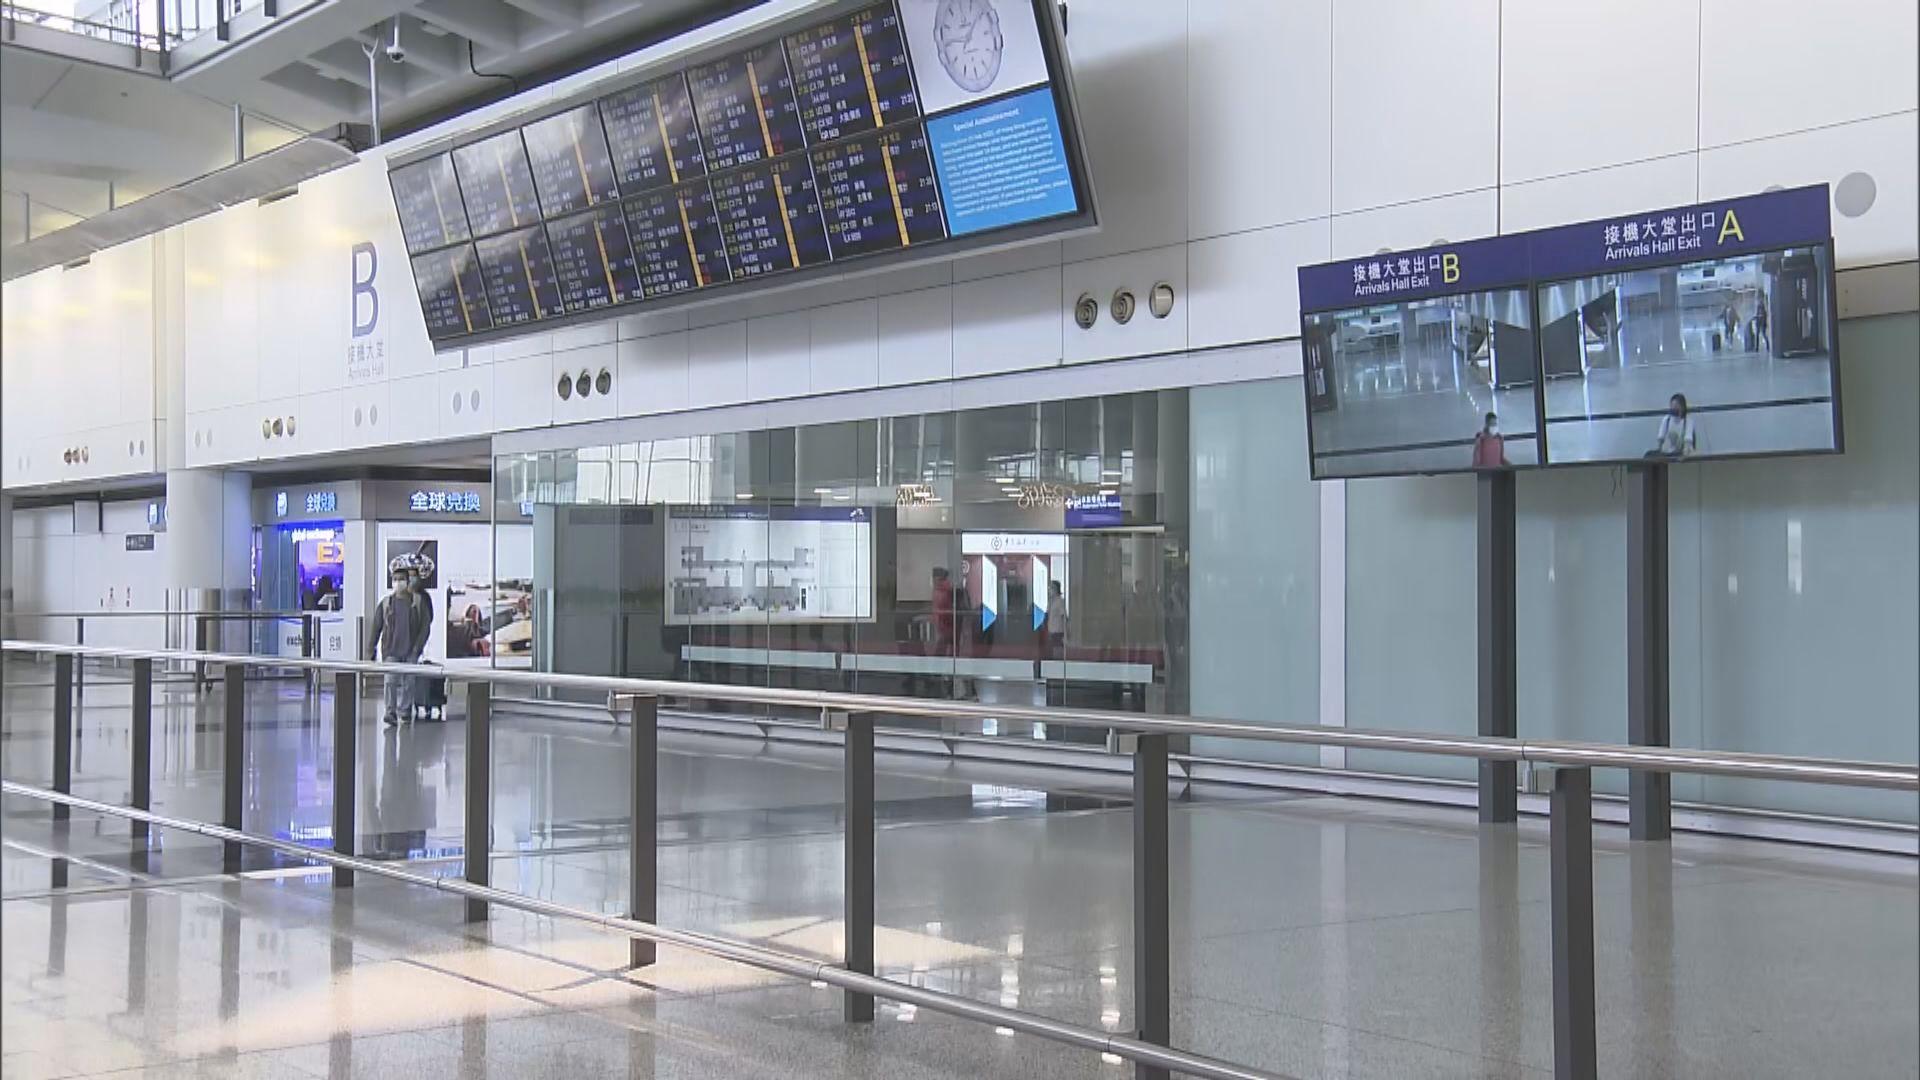 一宗輸入個案機場檢測現假陰性 曾獲准往酒店檢疫